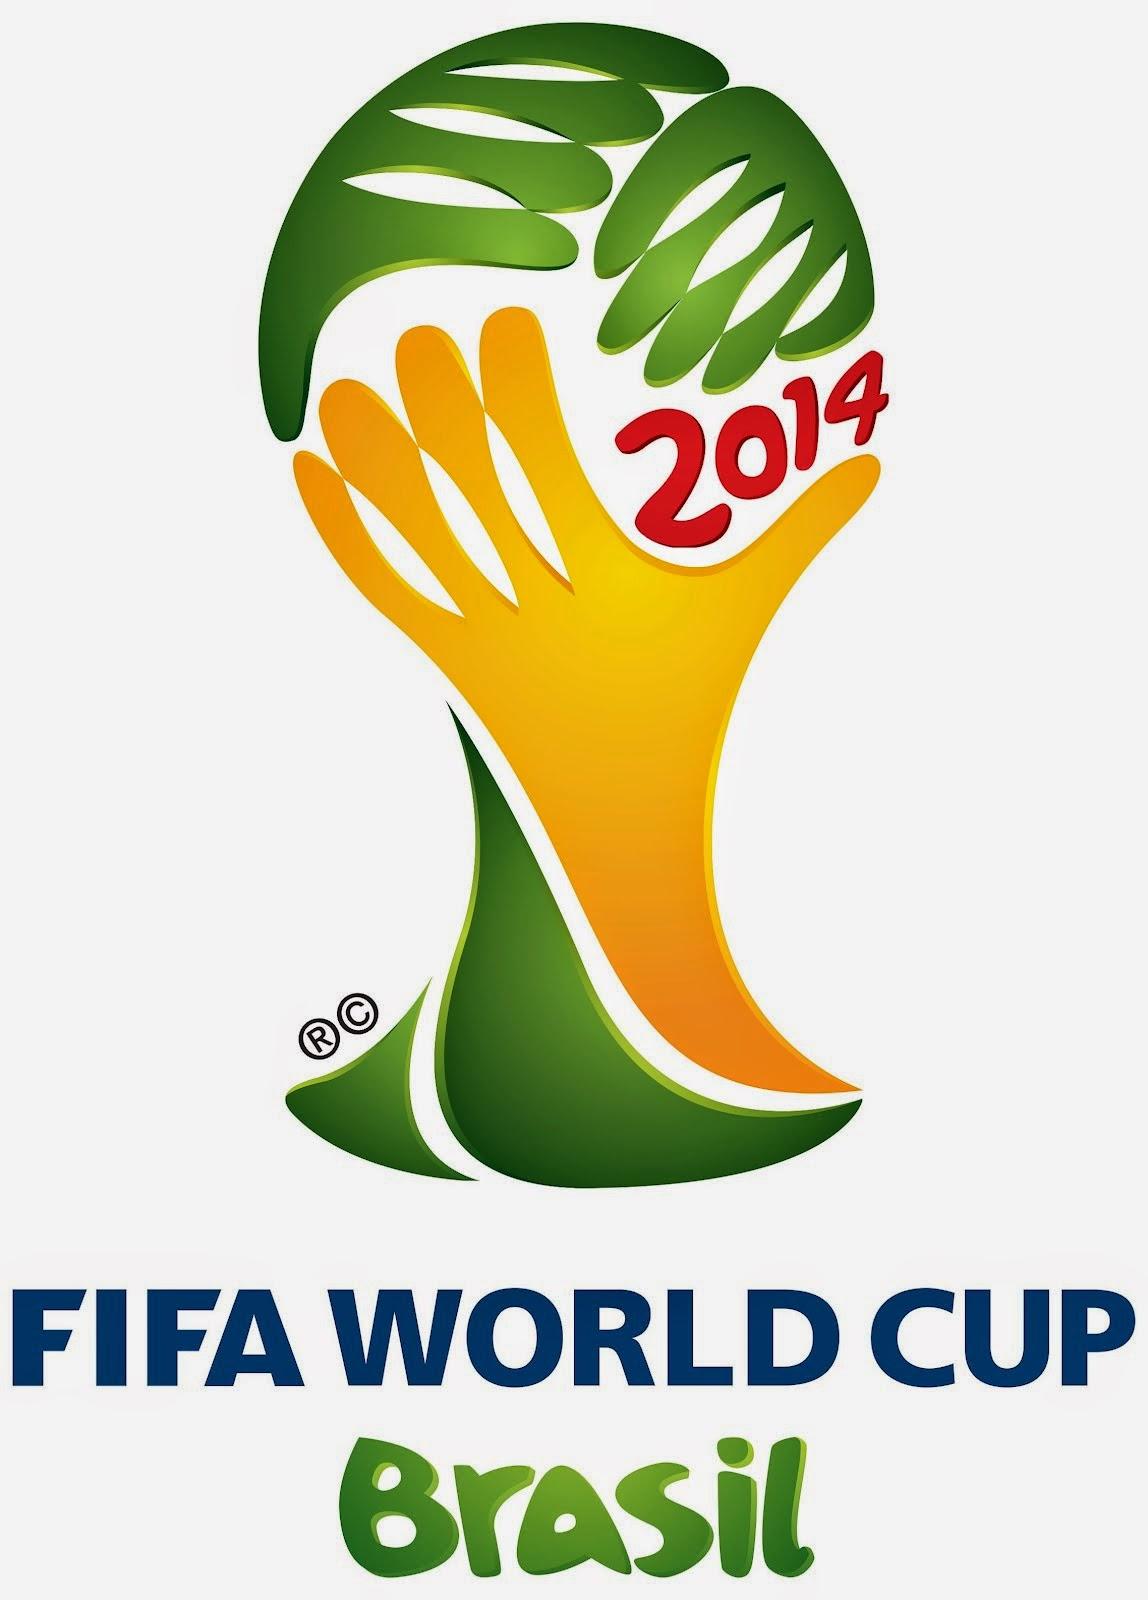 Jadwal Babak 16 Besar Piala Dunia 2014